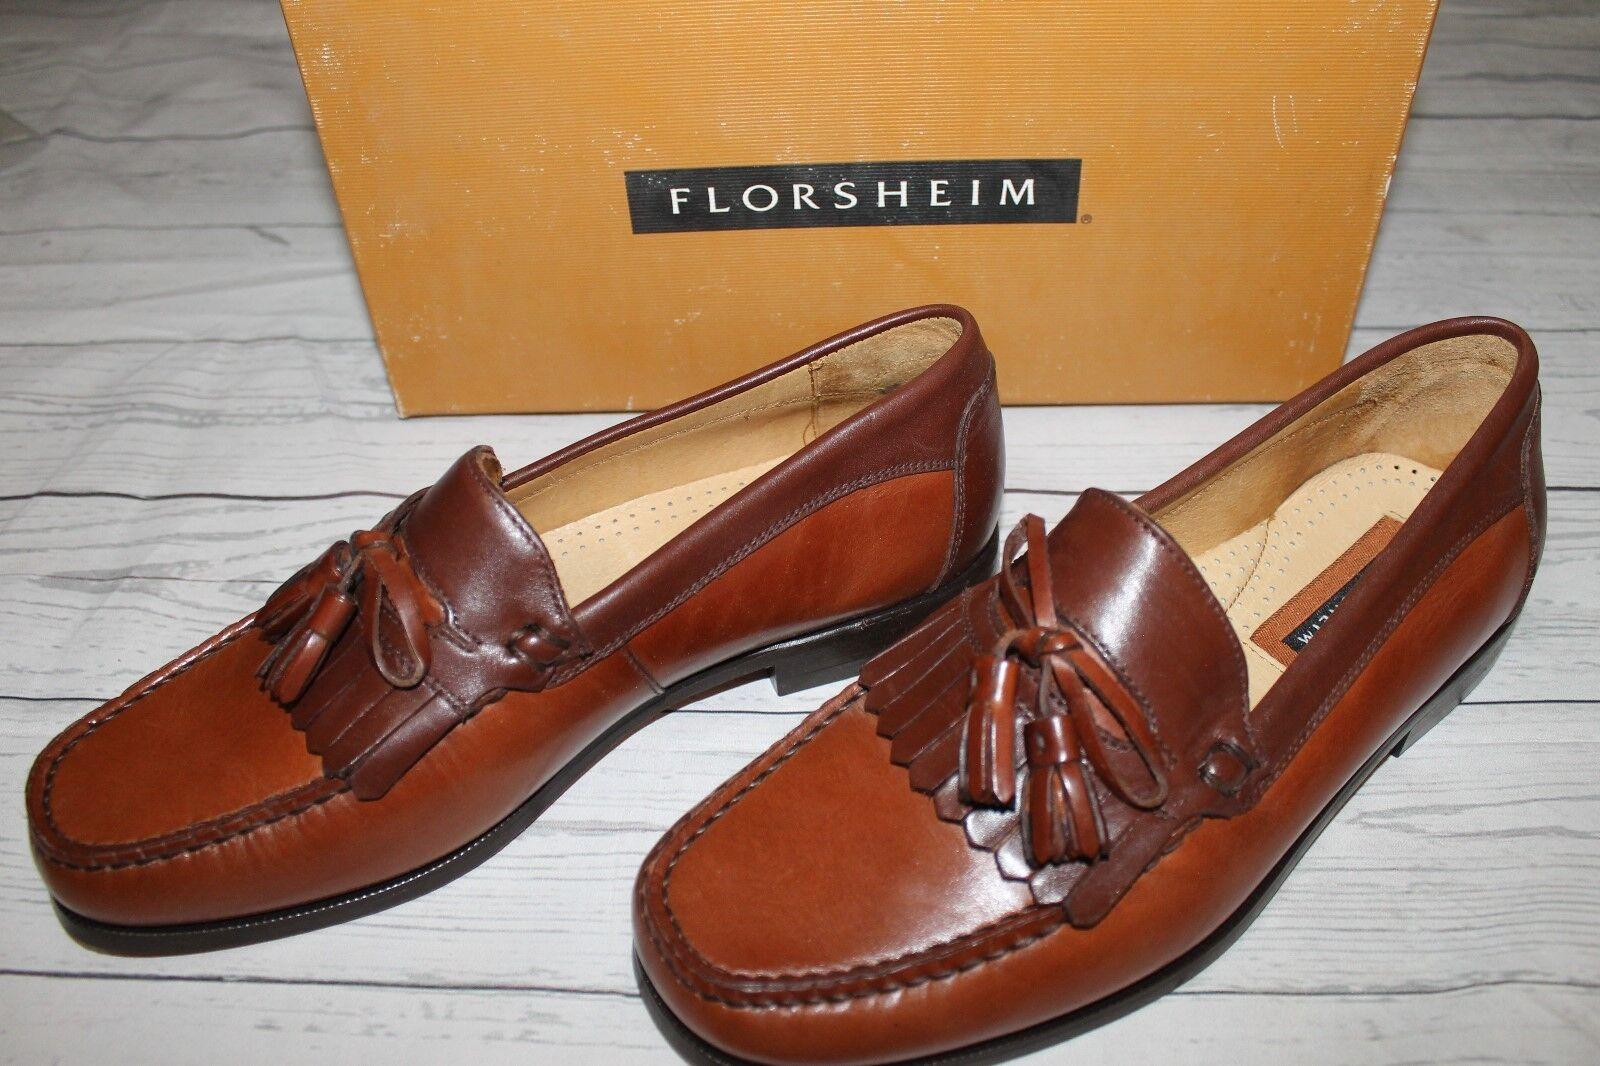 Florsheim Brown Leather Kiltie Tassle Loafers 8D (medium width) IN ORIGINAL BOX Scarpe classiche da uomo